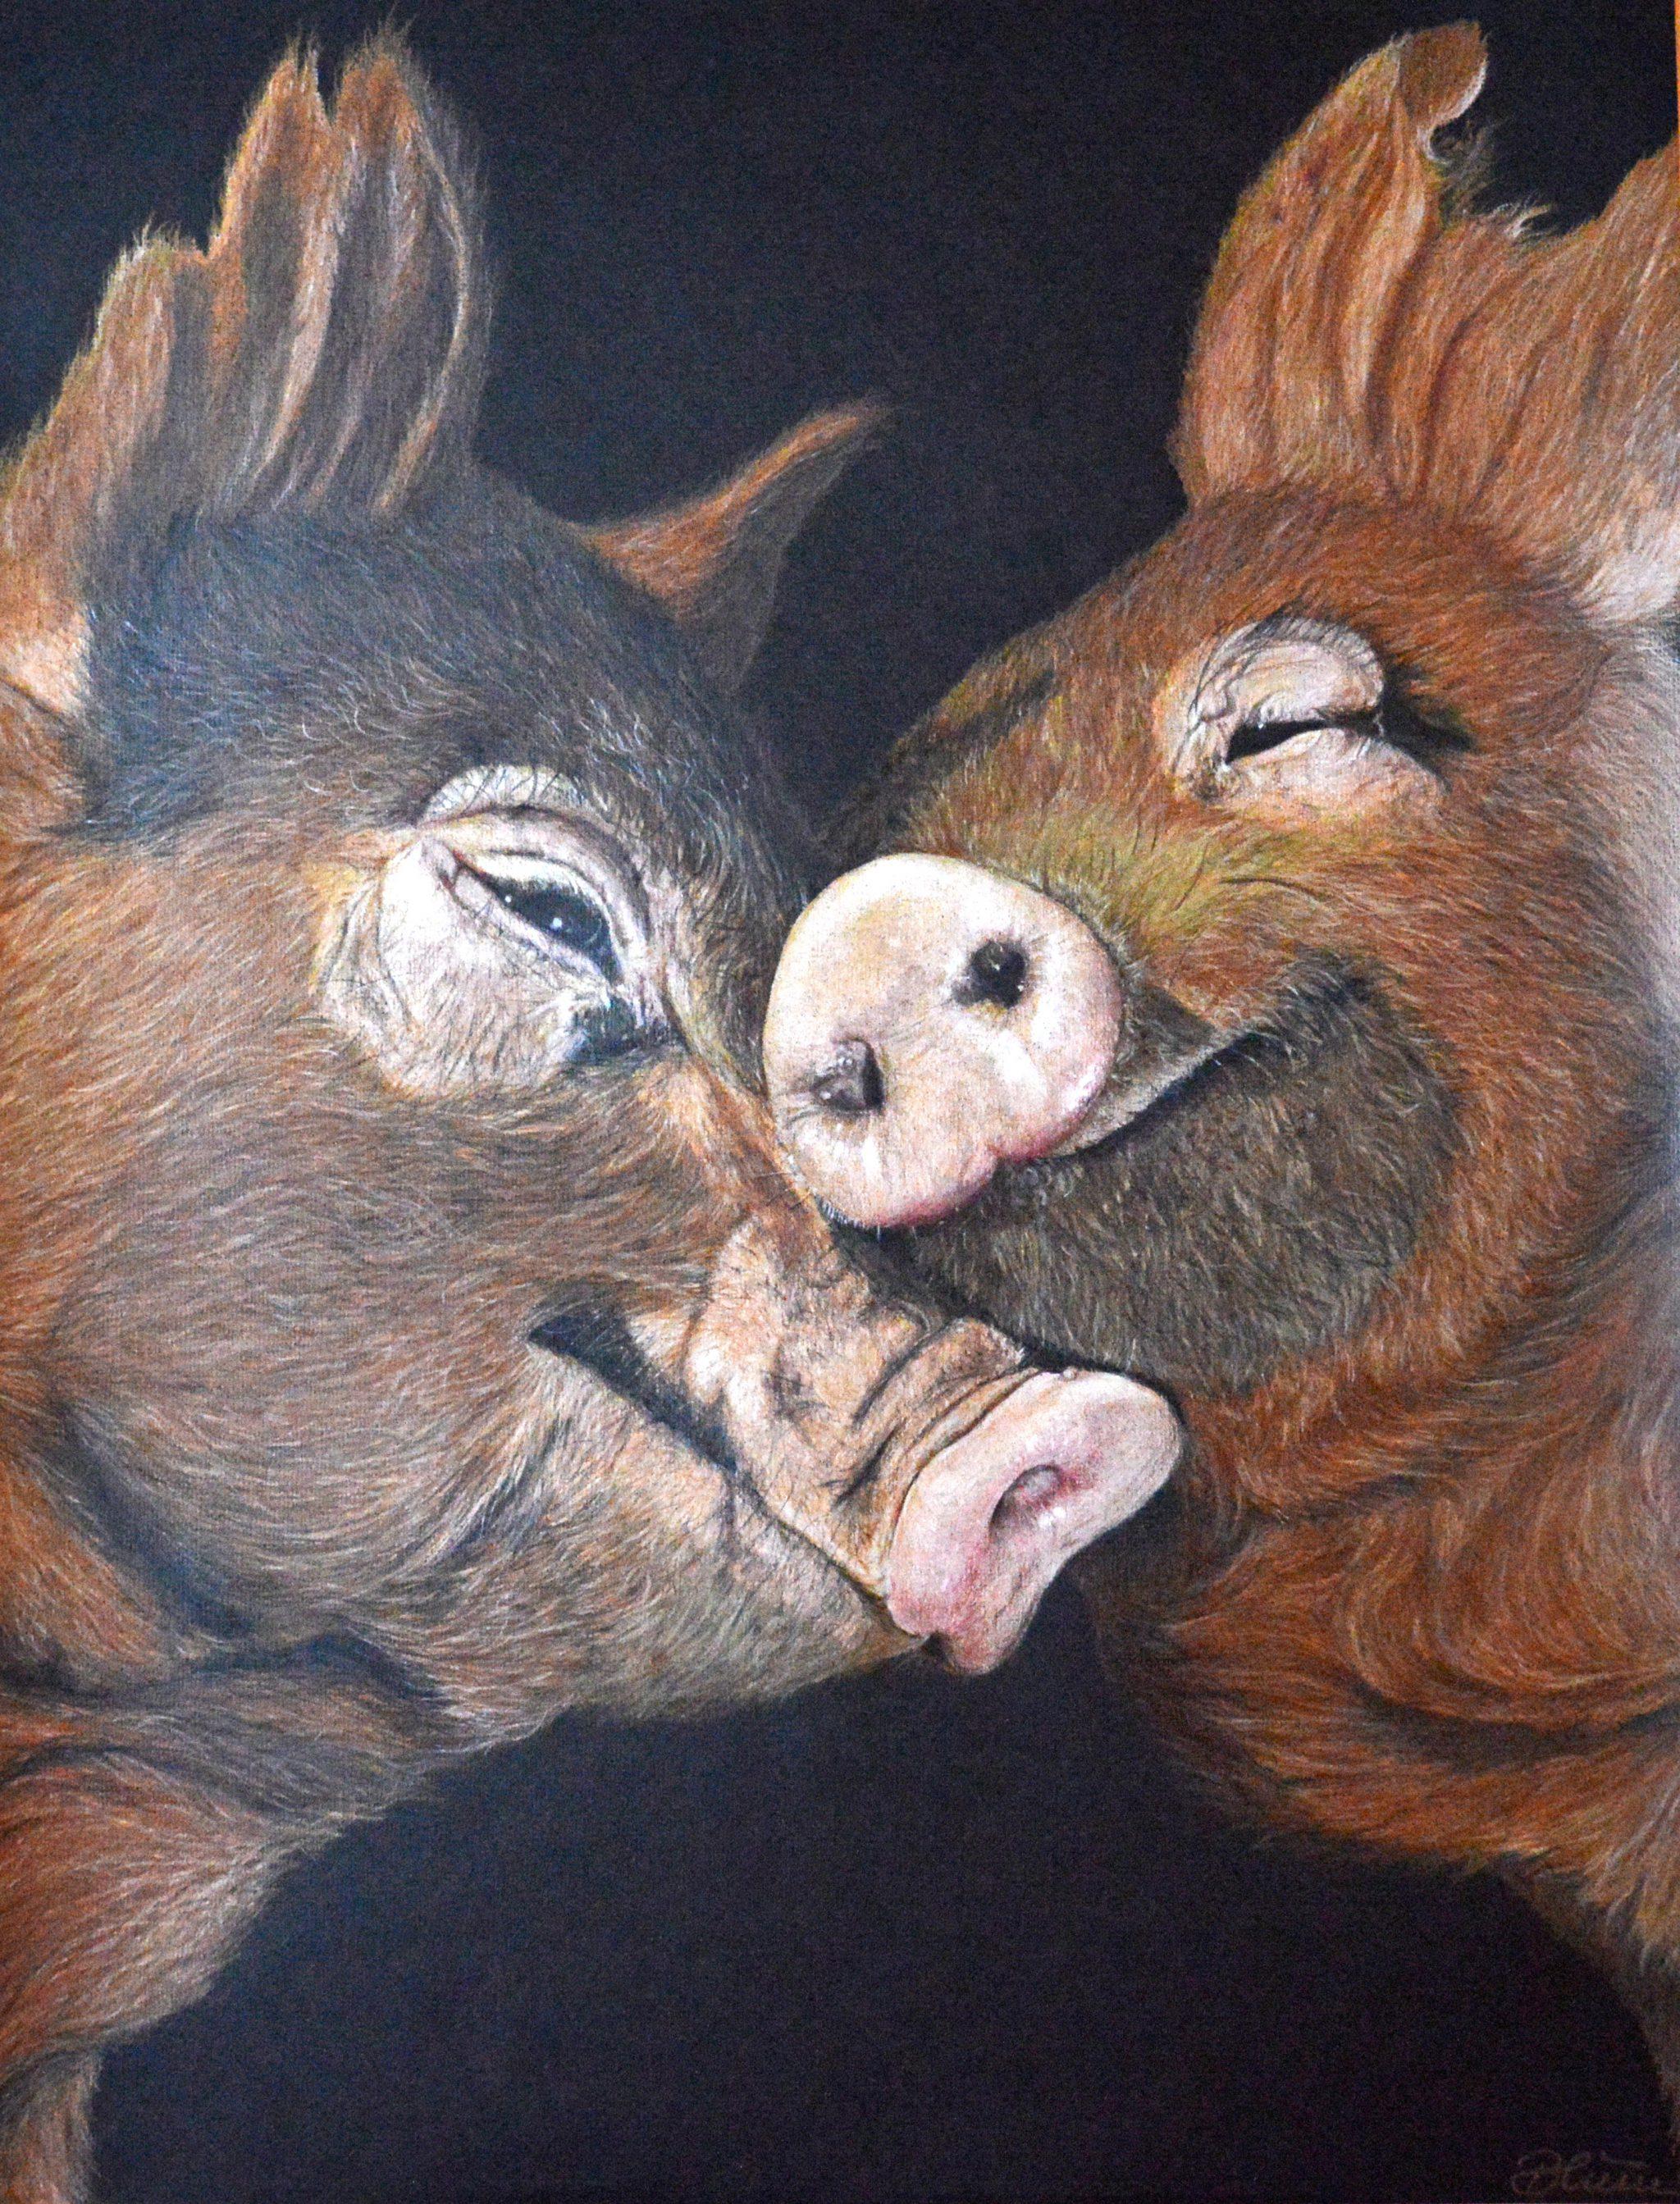 Animal Love Serie, Zeichnung Buntstifte/Papier, 65cm x 50cm